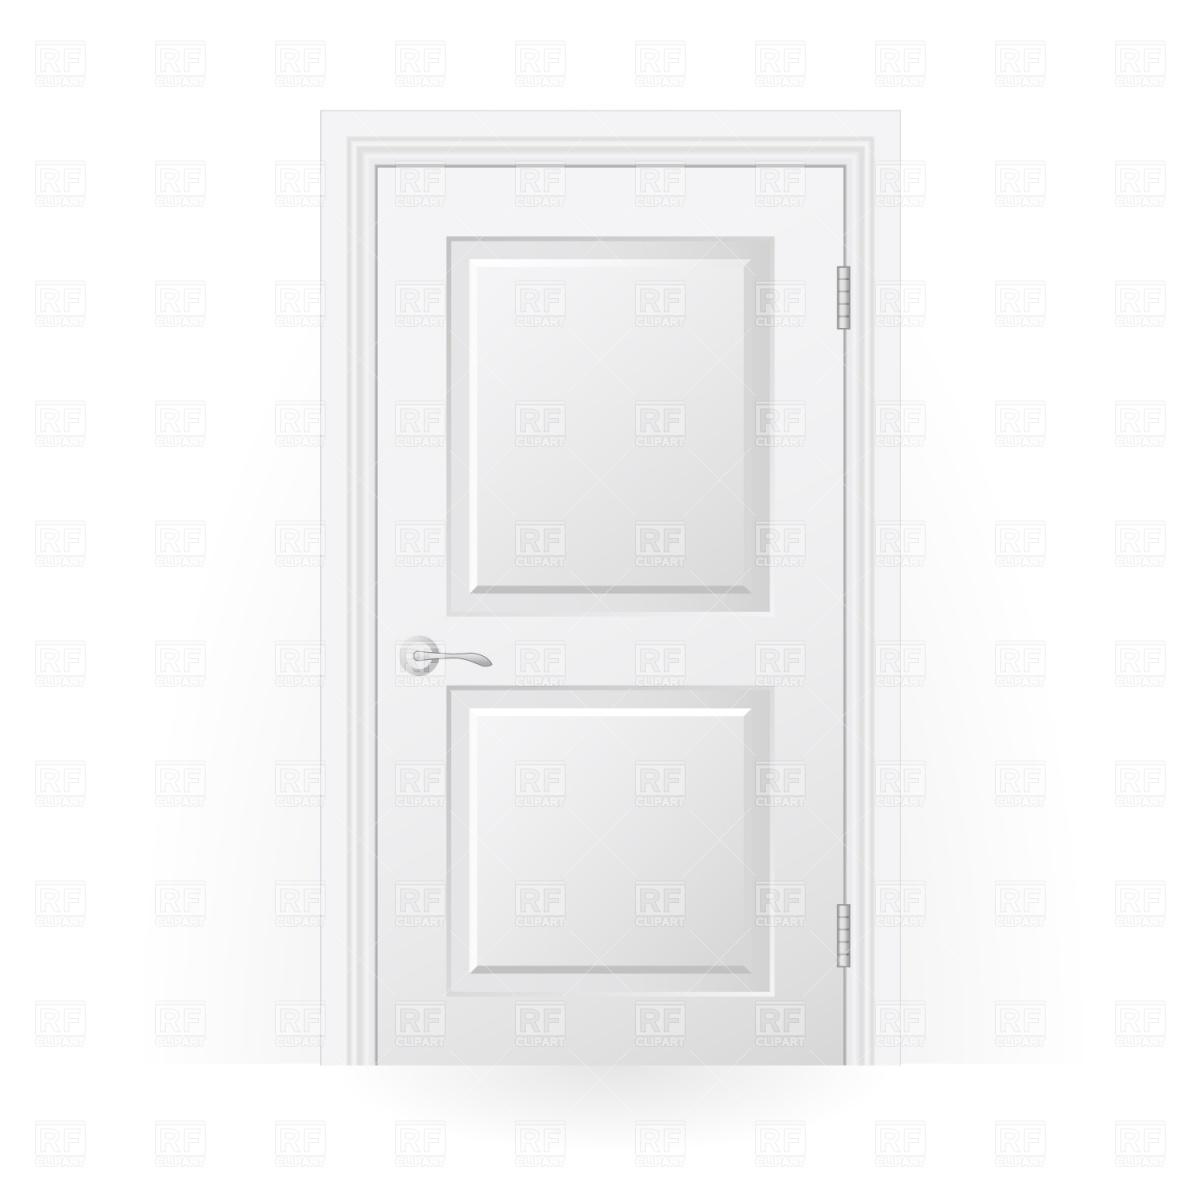 Open Door Vector Free at GetDrawings.com.